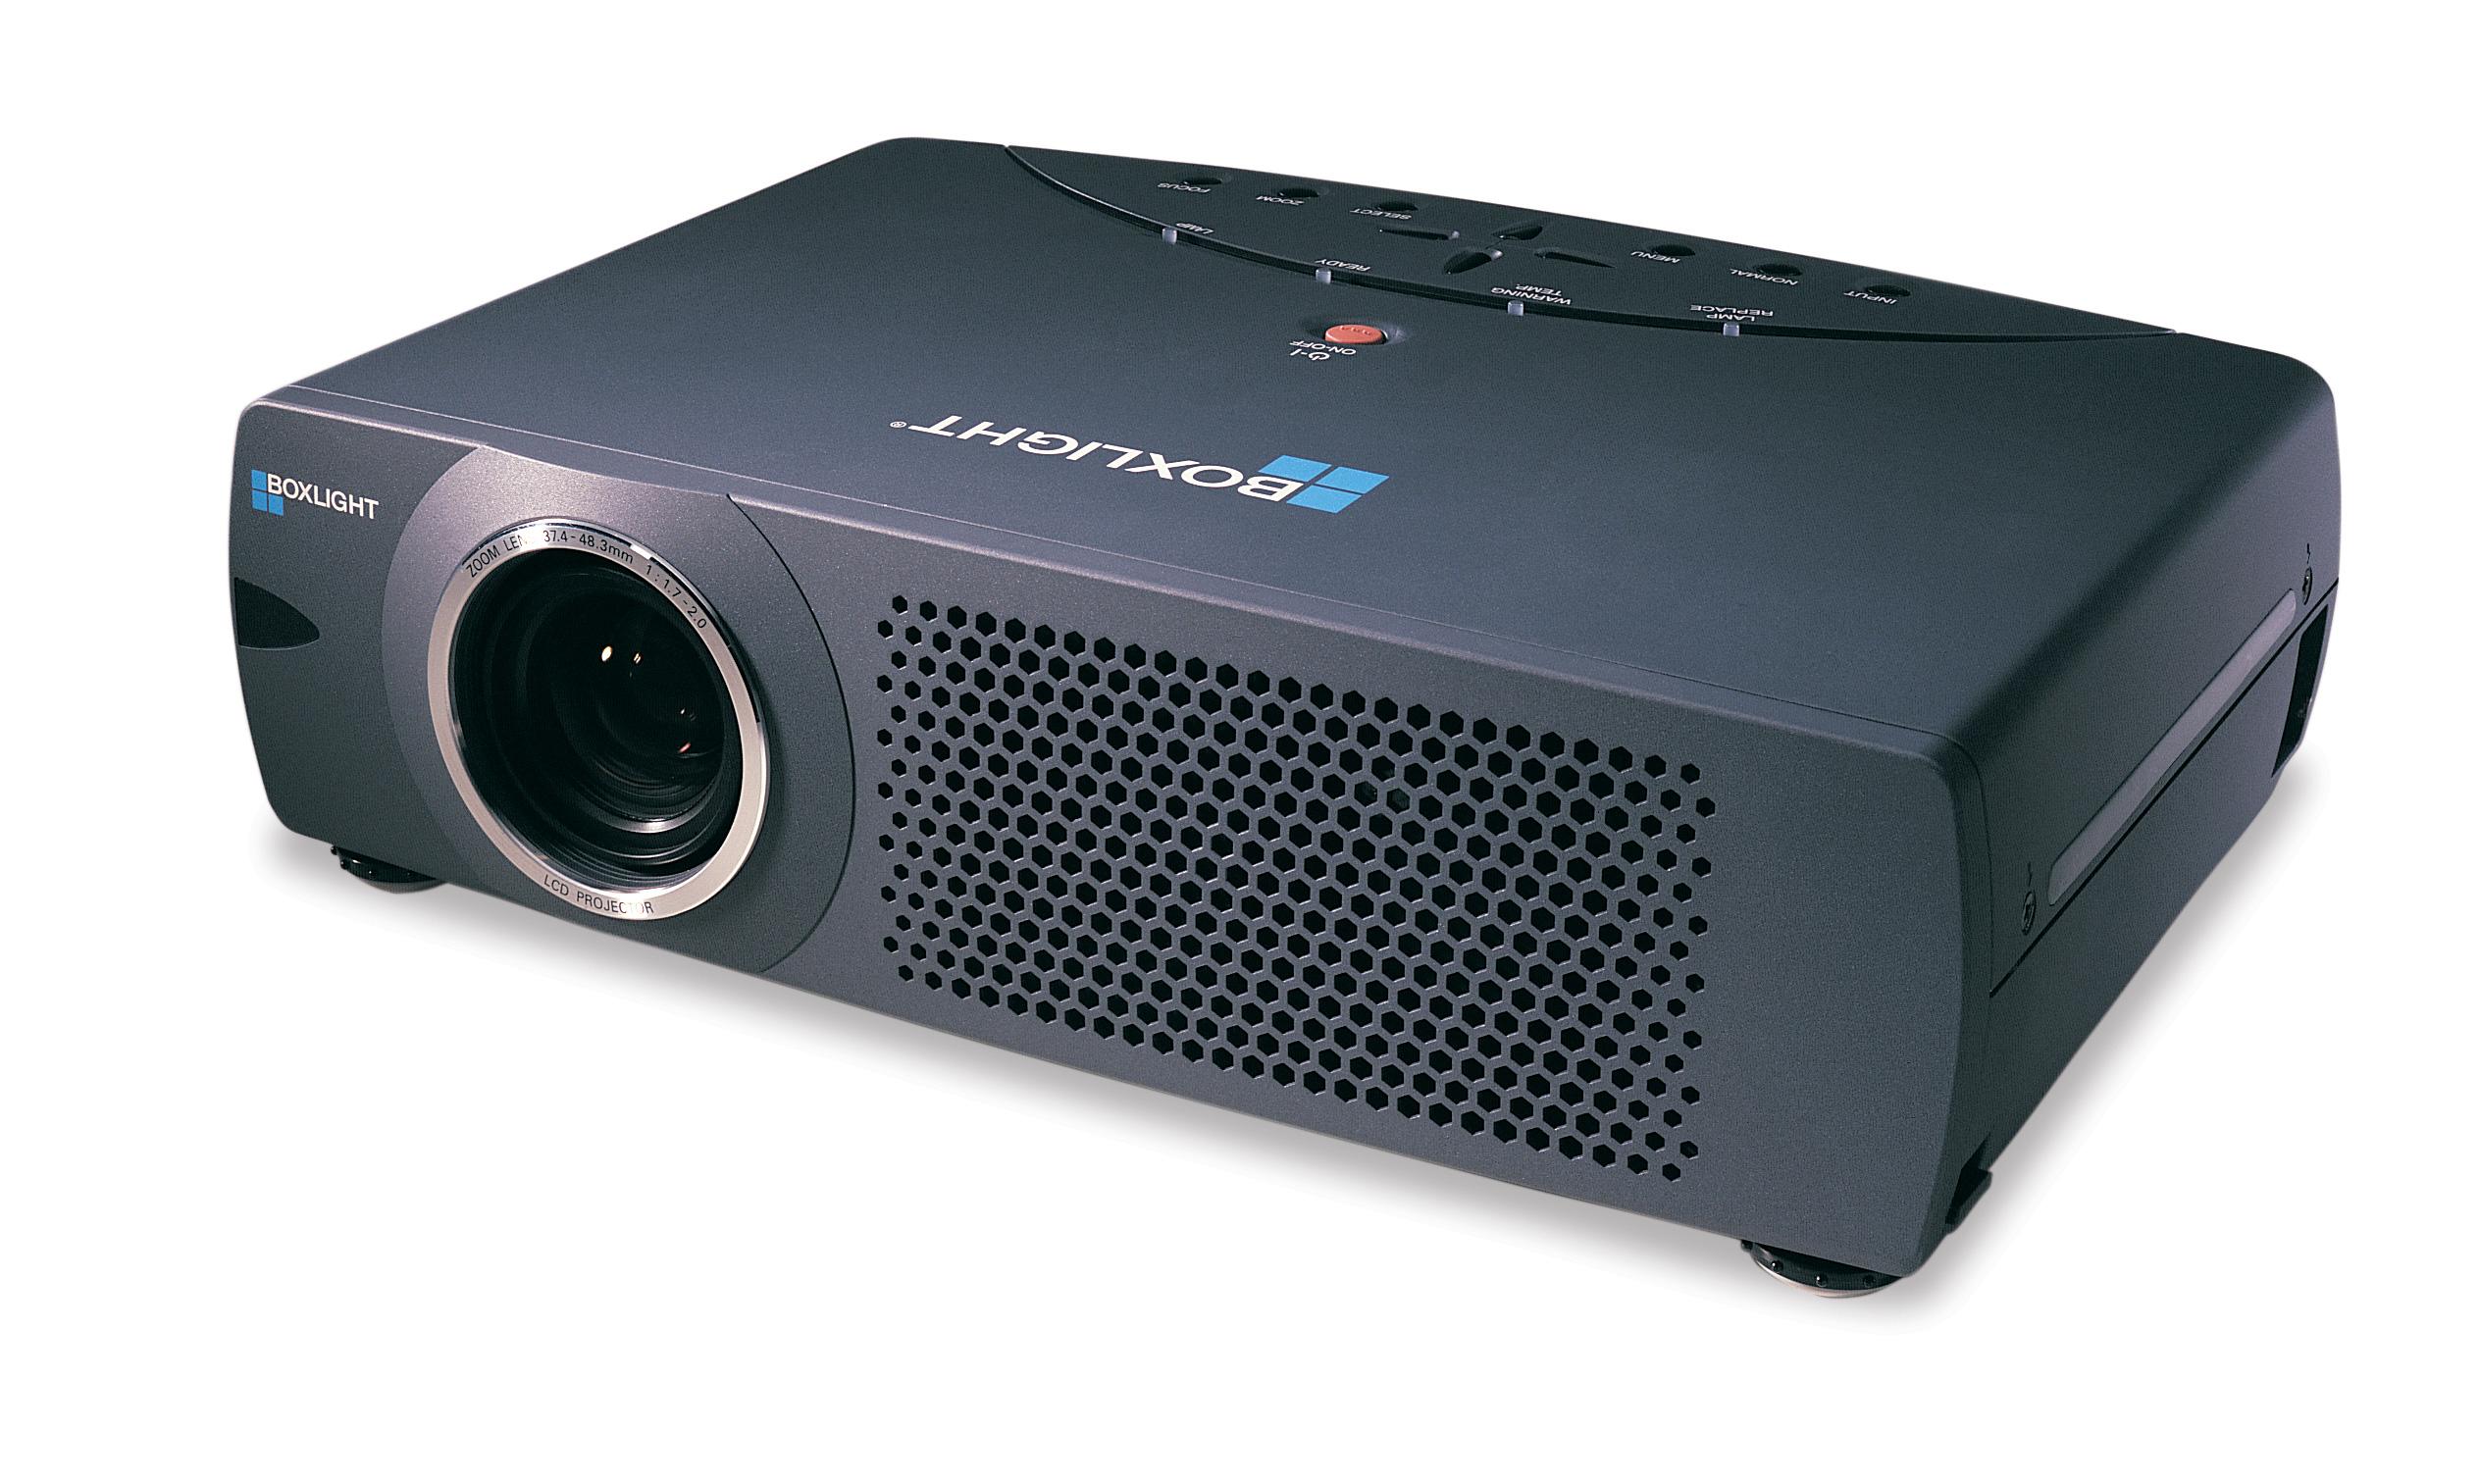 Boxlight Projektoren Cp 310t Xga Lcd Beamer Hitachi Projector Ex302 Projektor